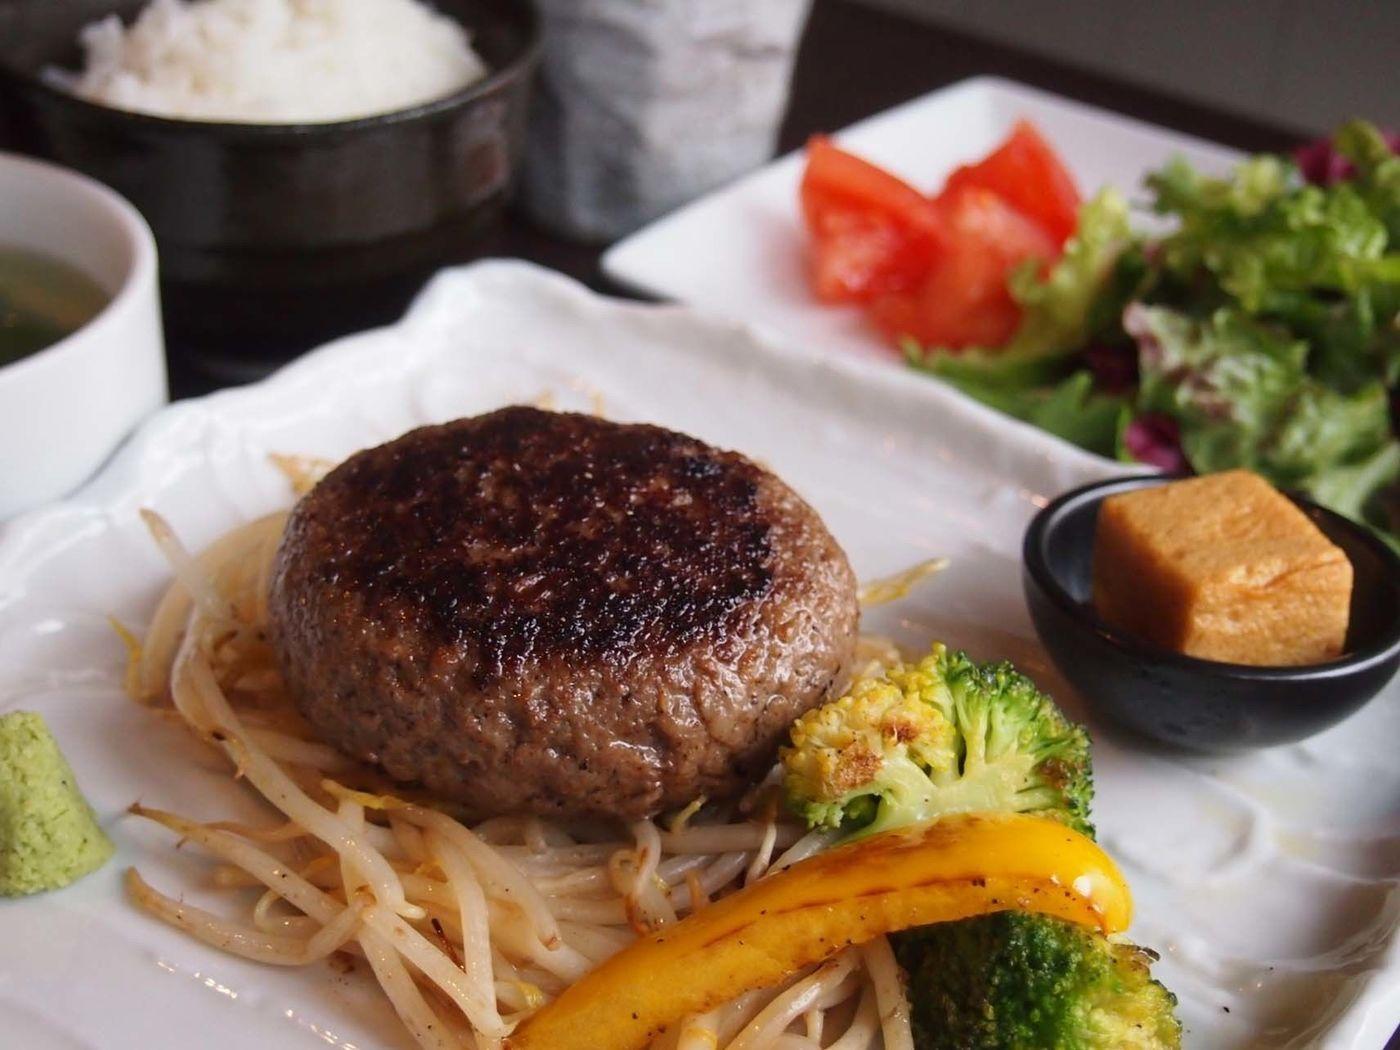 【上野】人気鉄板焼きで贅沢に!ステーキランチもお得なおすすめ7選の画像